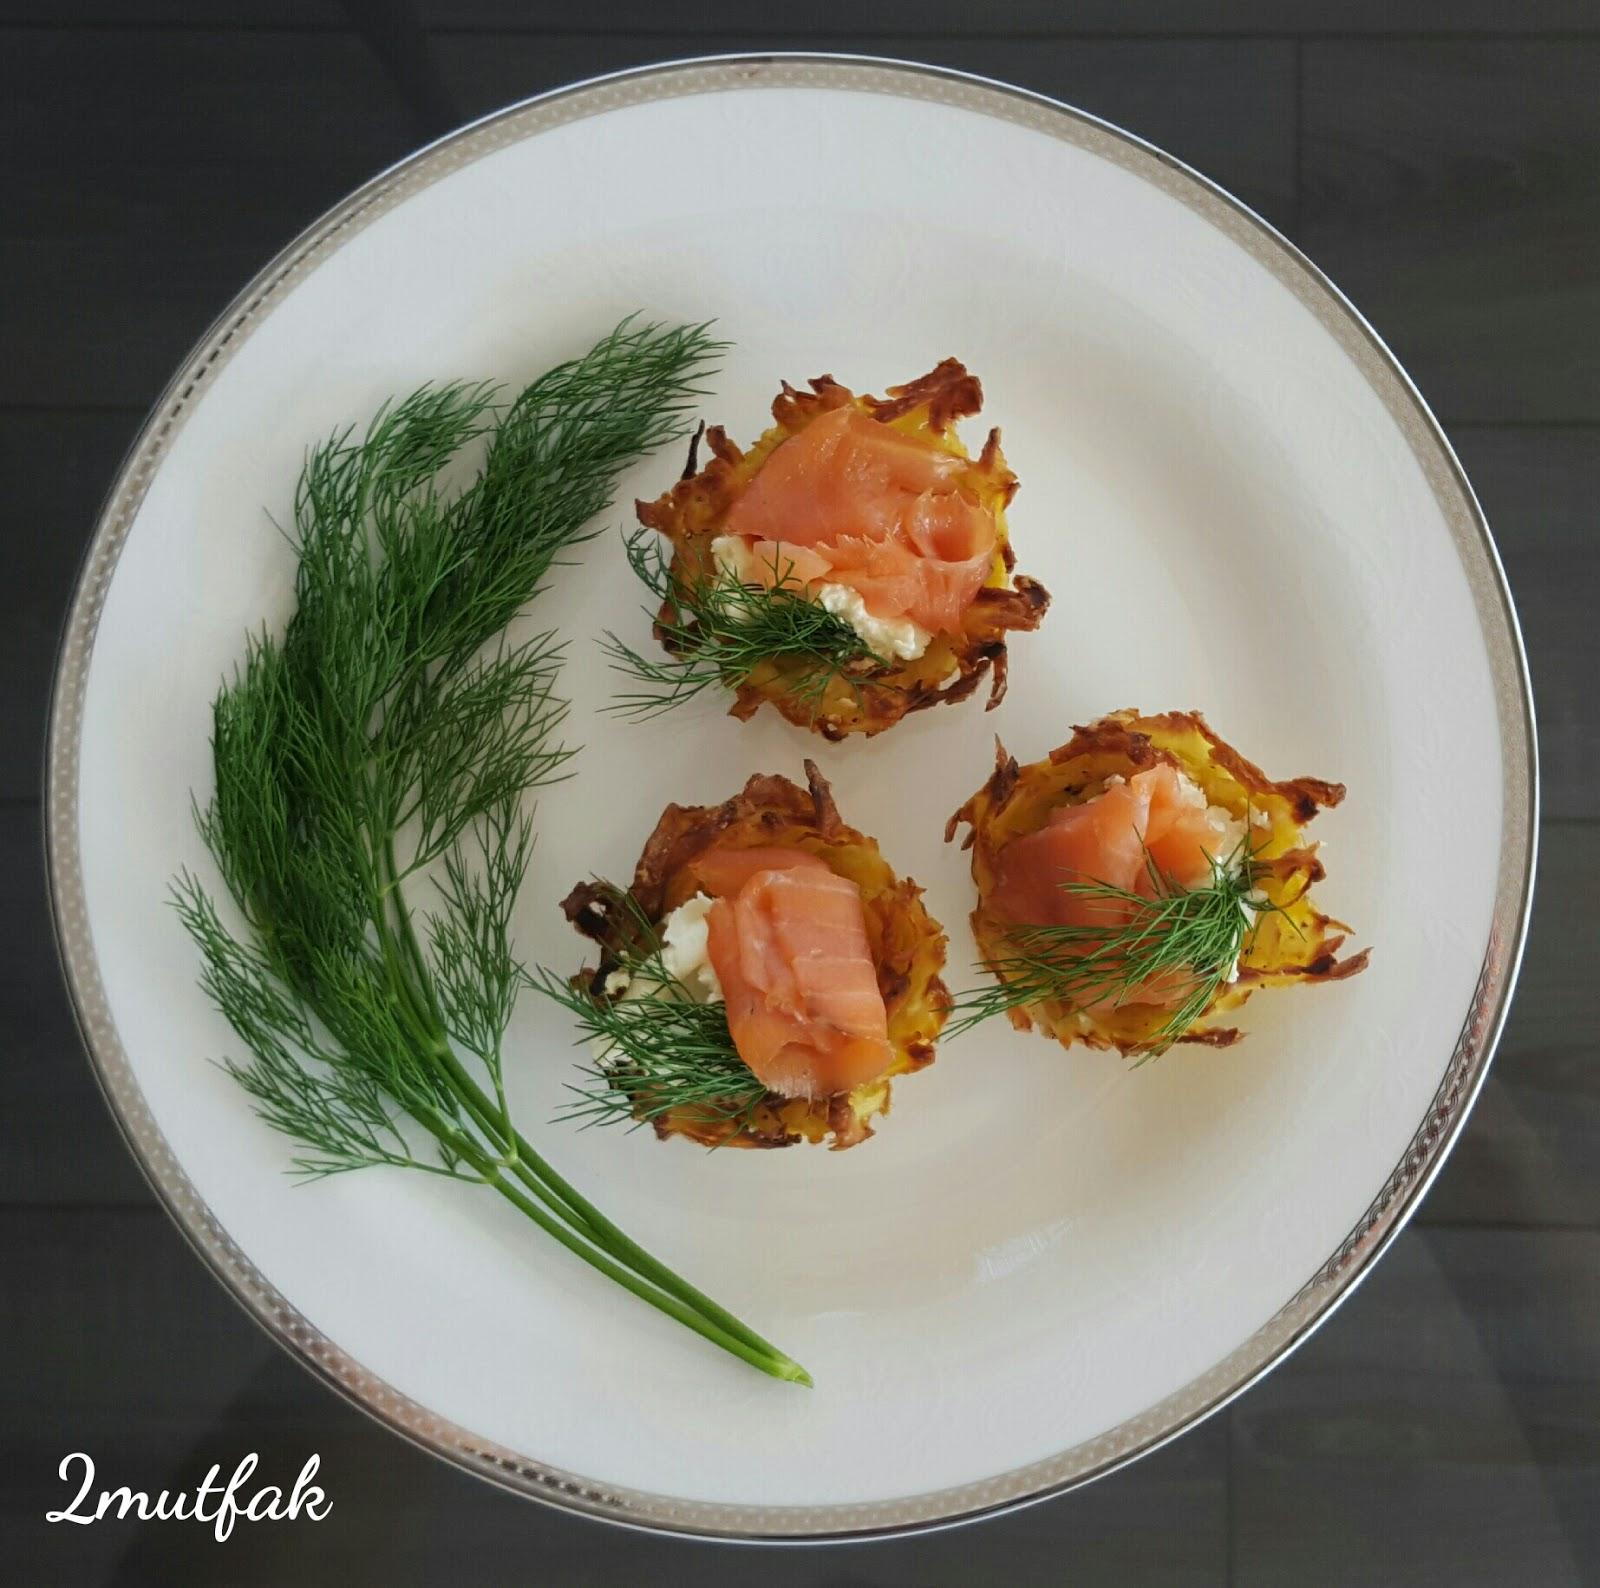 Patates yatağında Somon tarifi